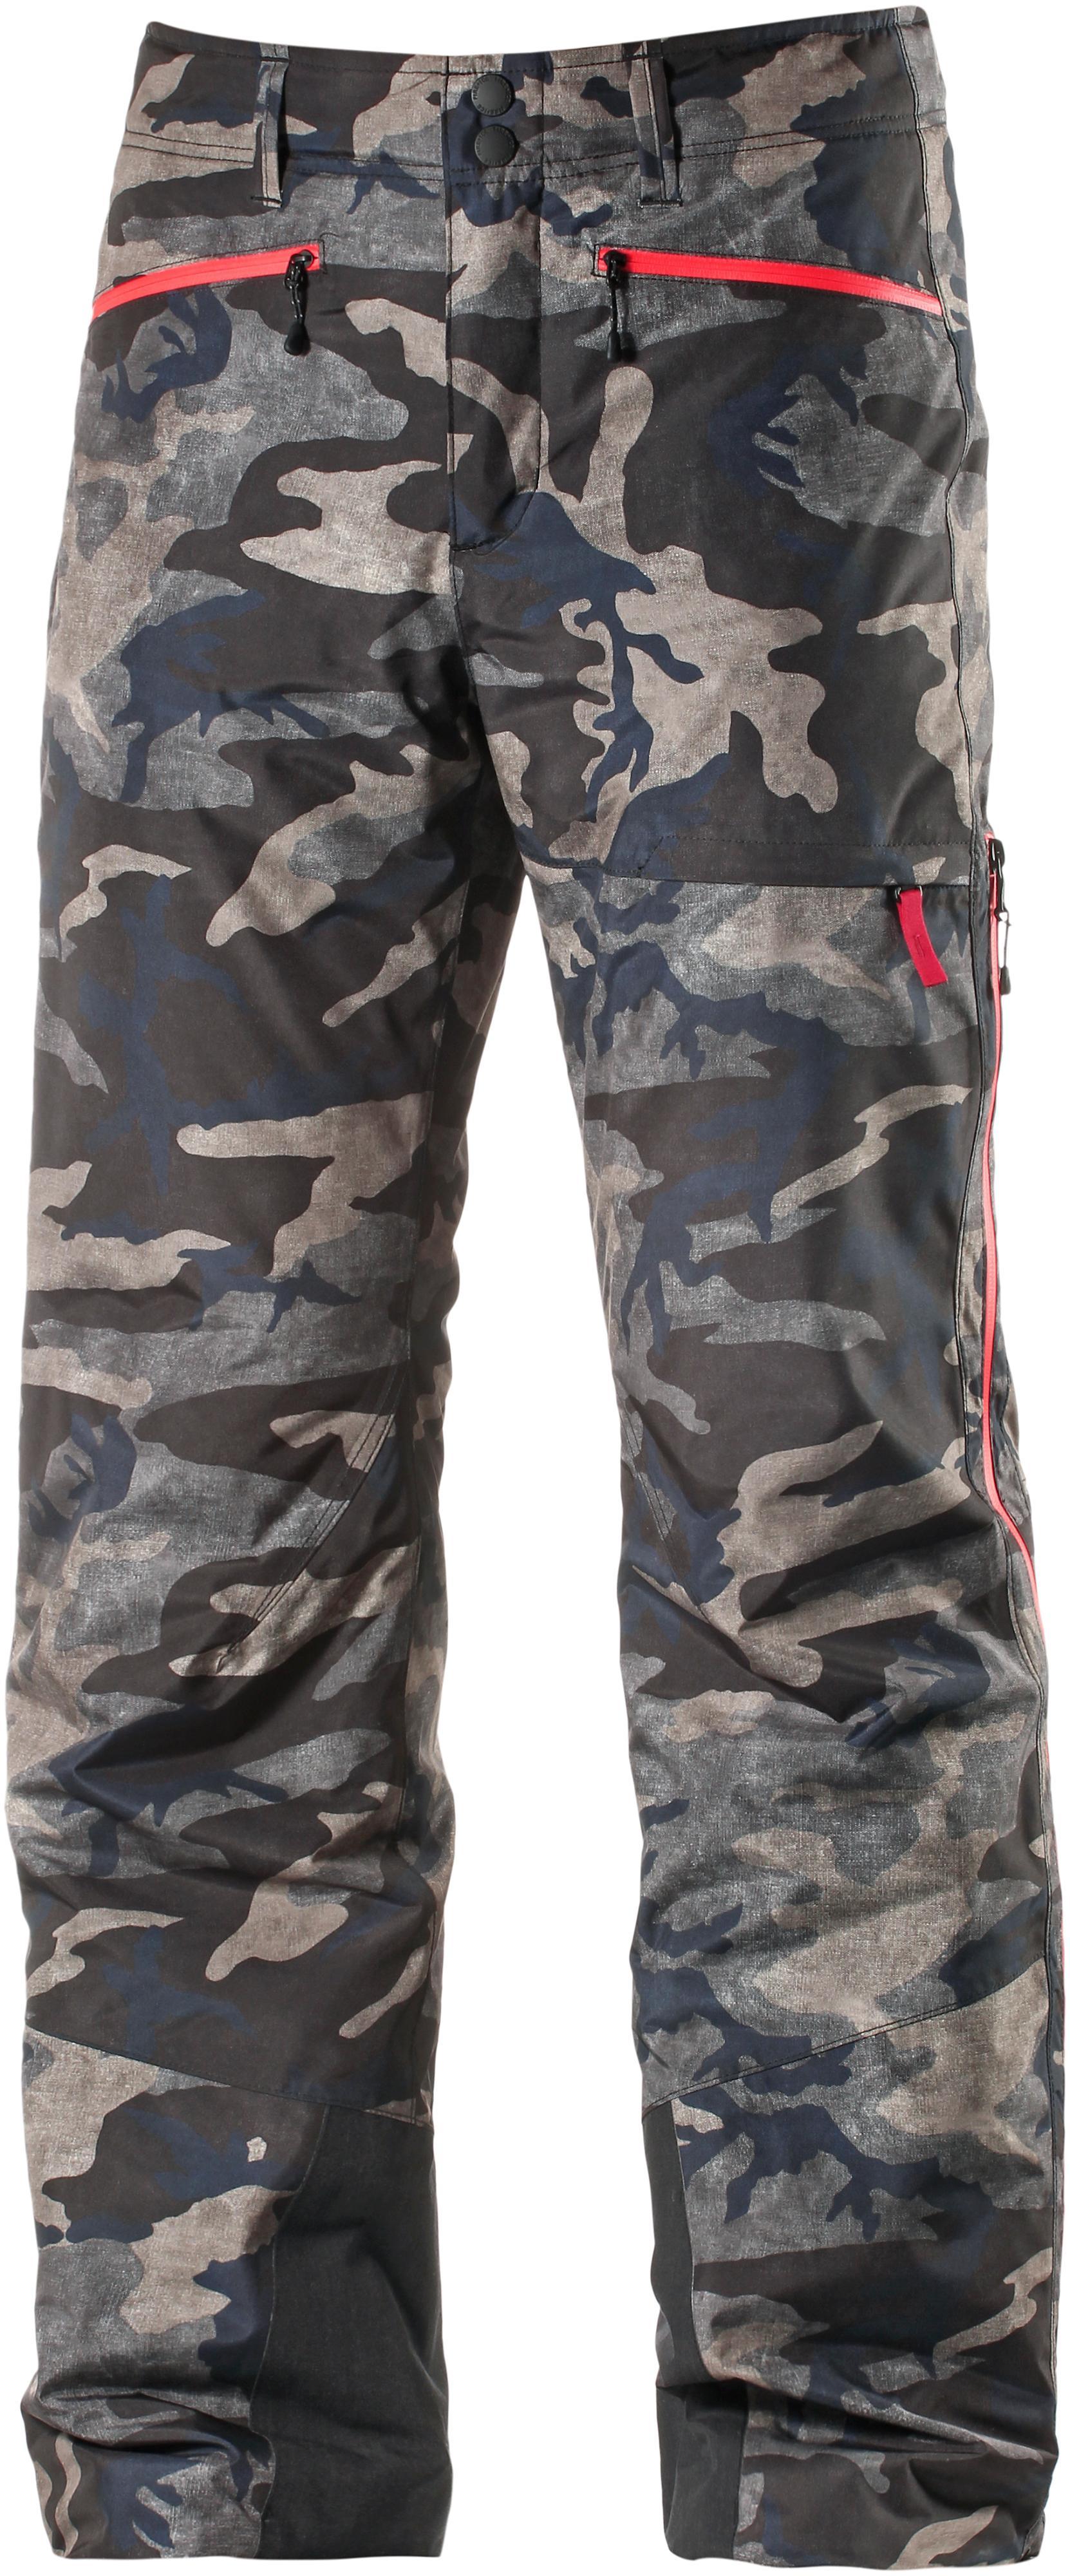 bogner fire ice alon skihose herren camo im online shop von rh sportscheck com